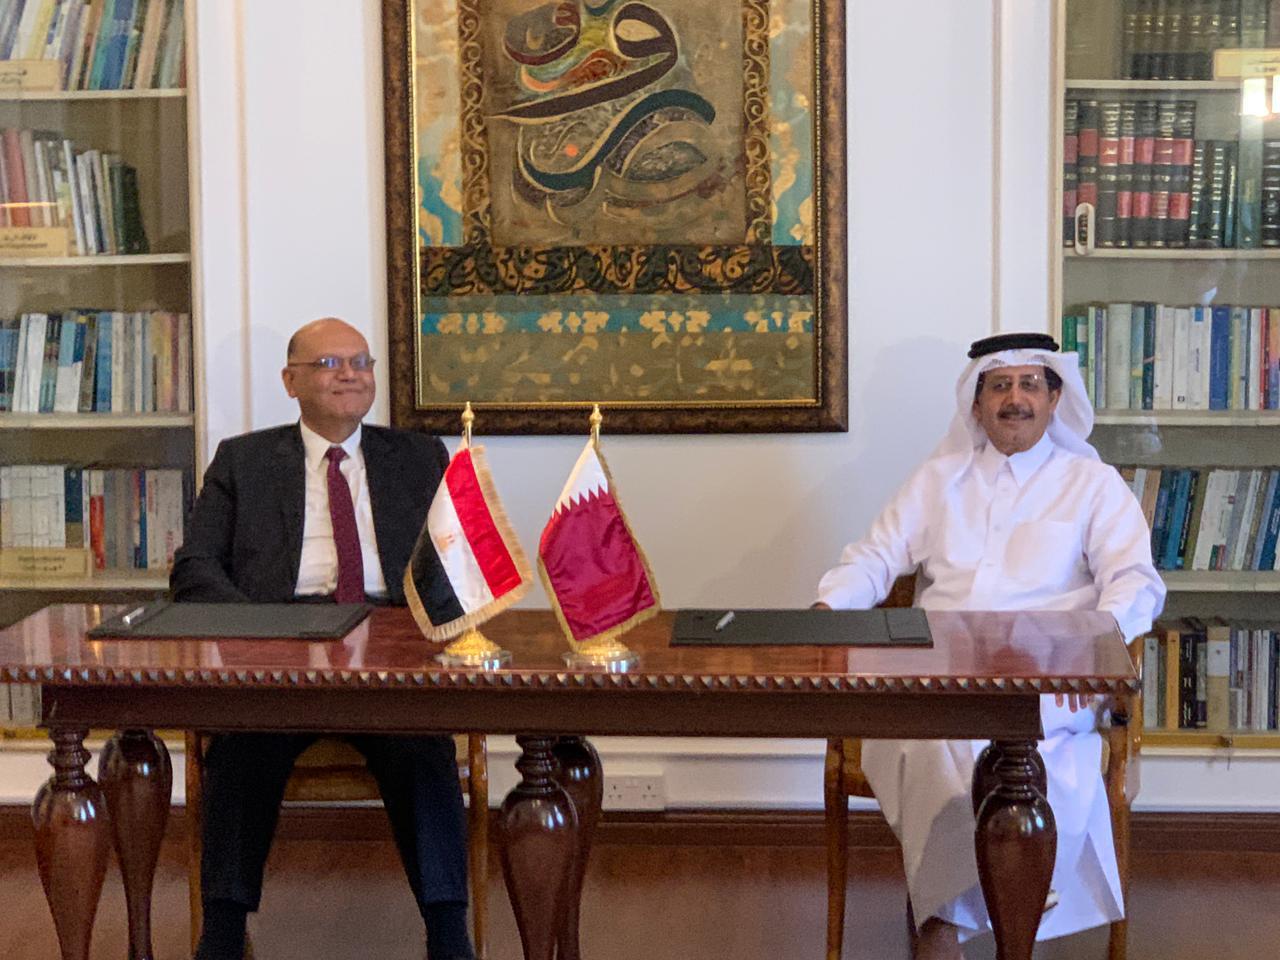 لجنة المتابعة المصرية القطرية تعقد اجتماعًا  لتوقيع عدد من مذكرات التفاهم بين البلدين